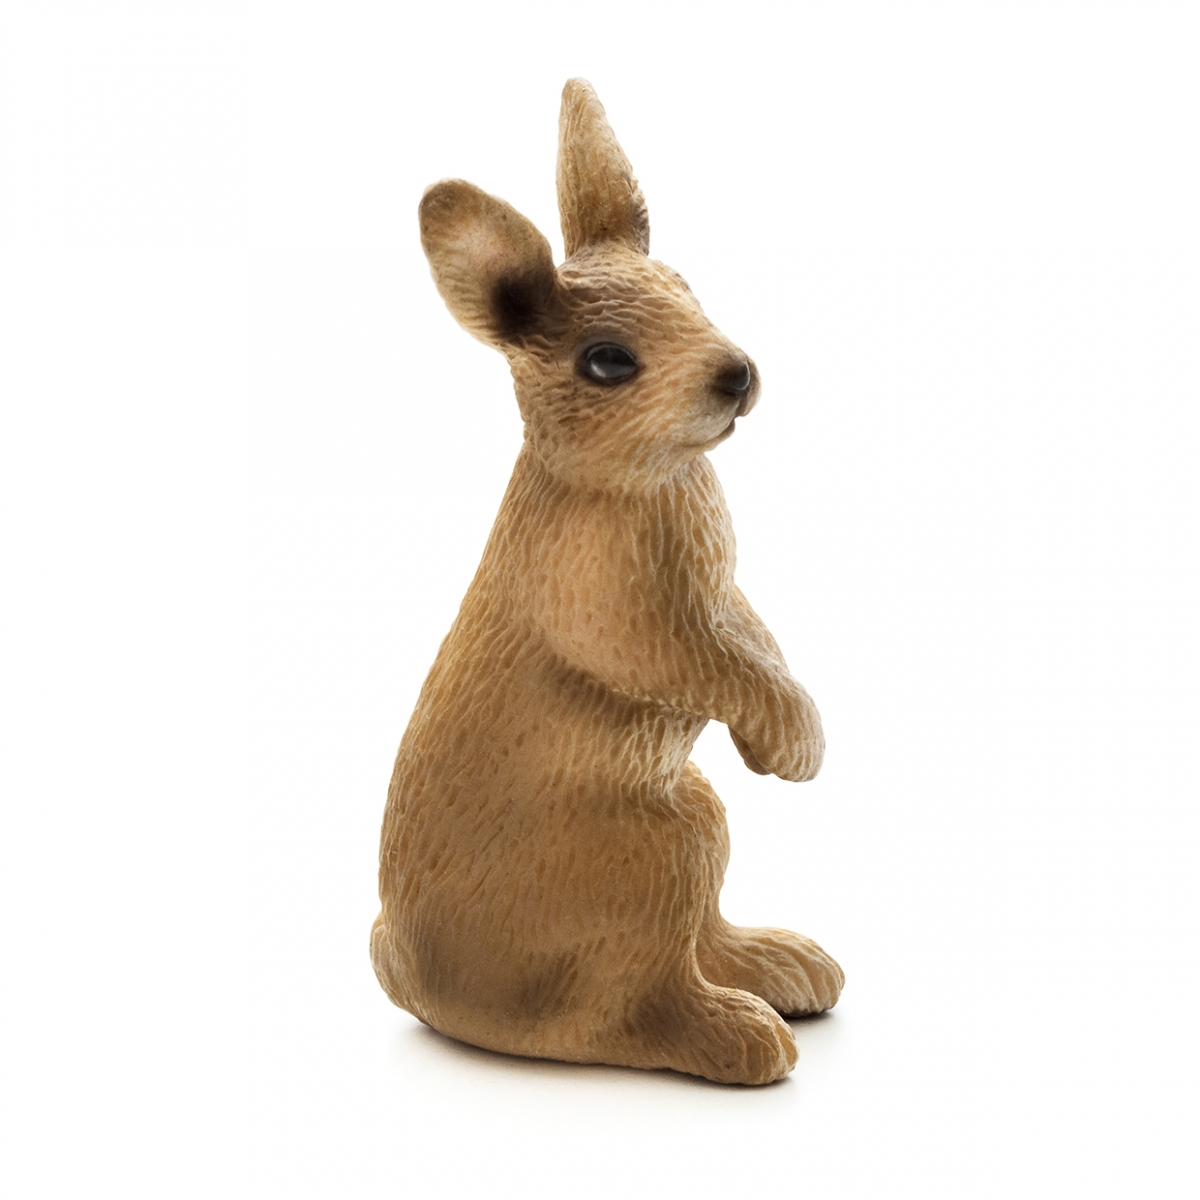 Imagen en la que se ve un conejo sentado sobre sus patas traseras de perfil